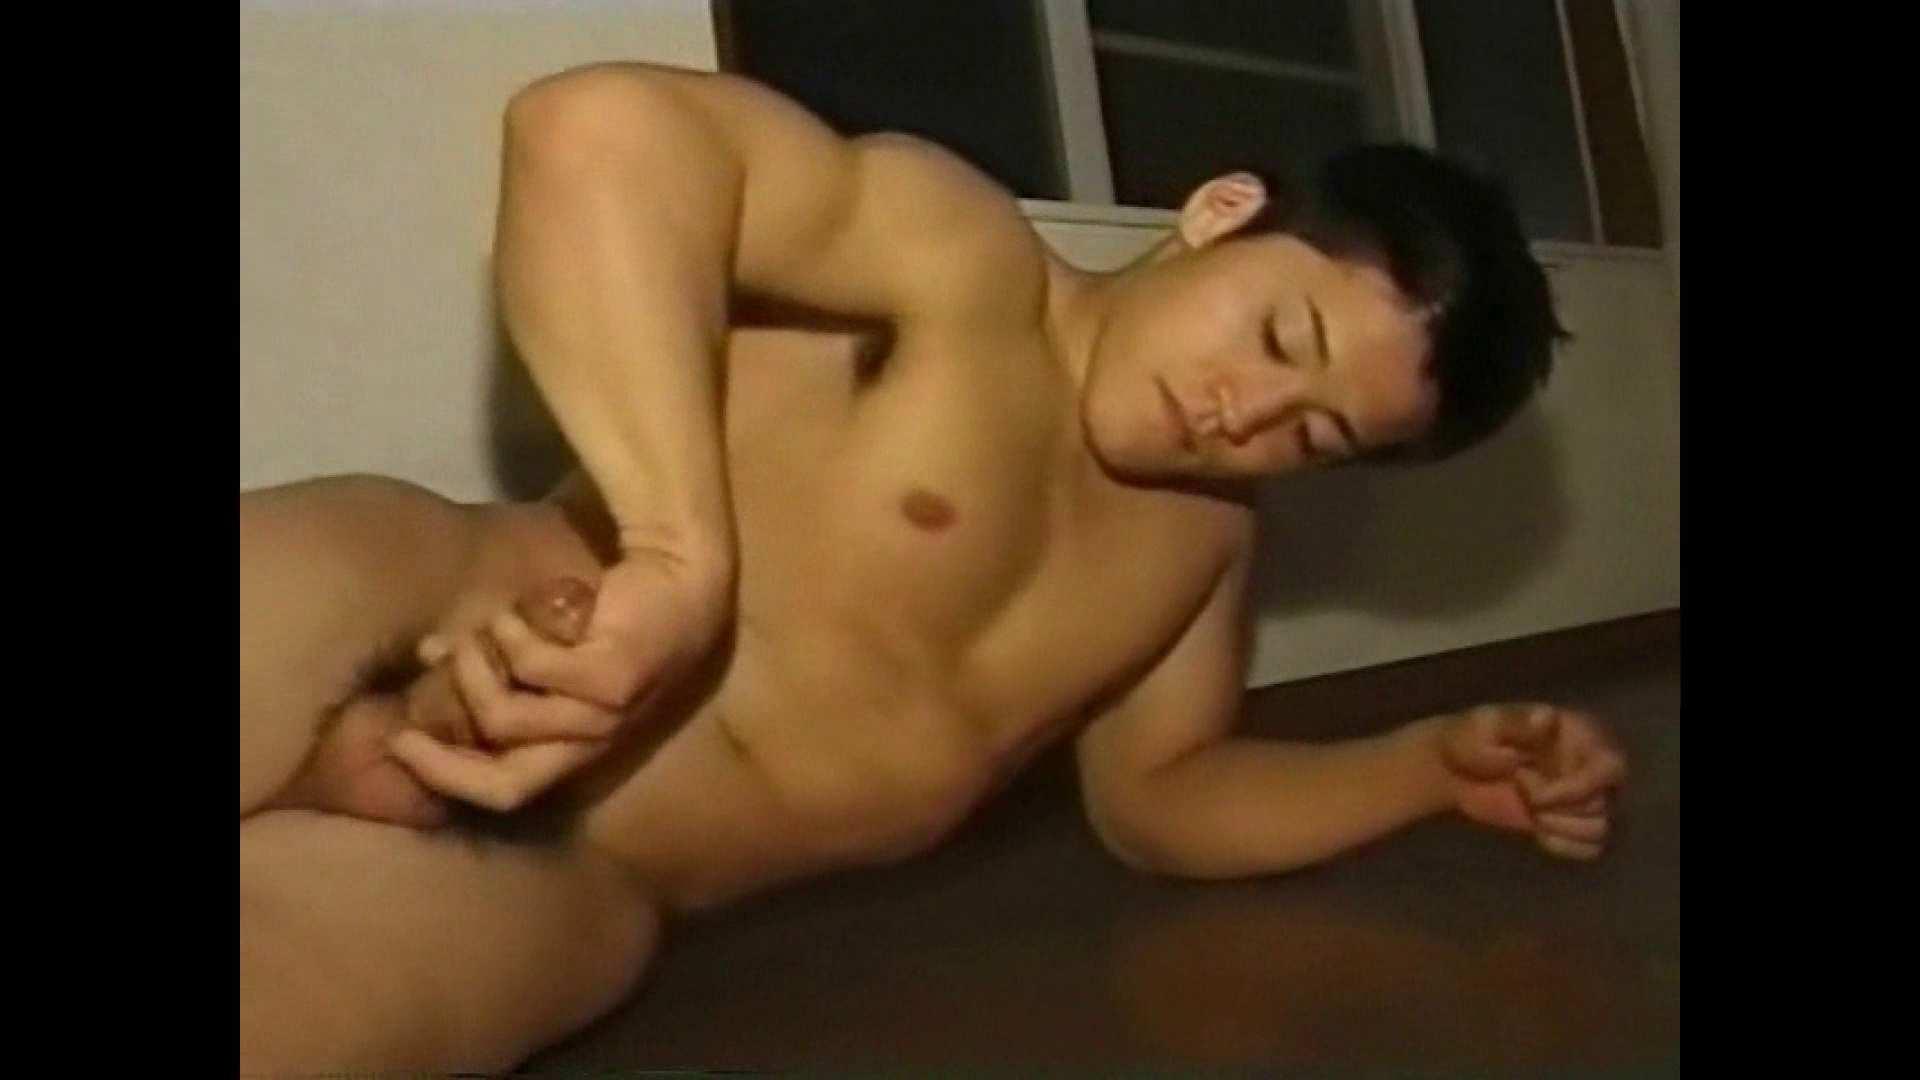 オナれ!集まれ!イケてるメンズ達!!File.51 ノンケ 男同士動画 94連発 43